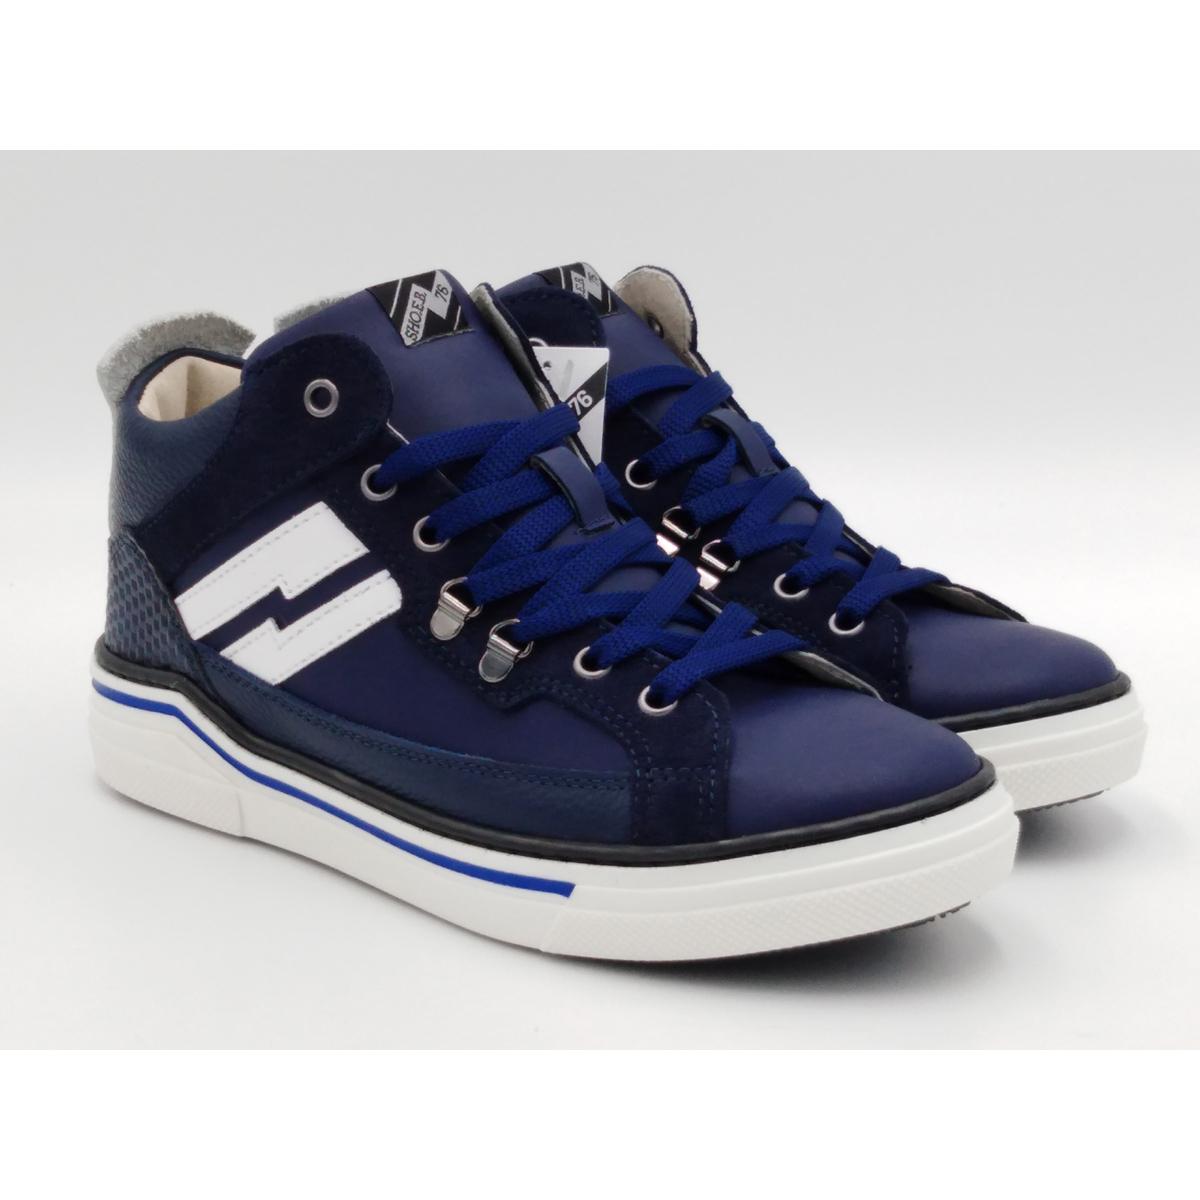 SHOEB 76 -Sneaker lacci blu